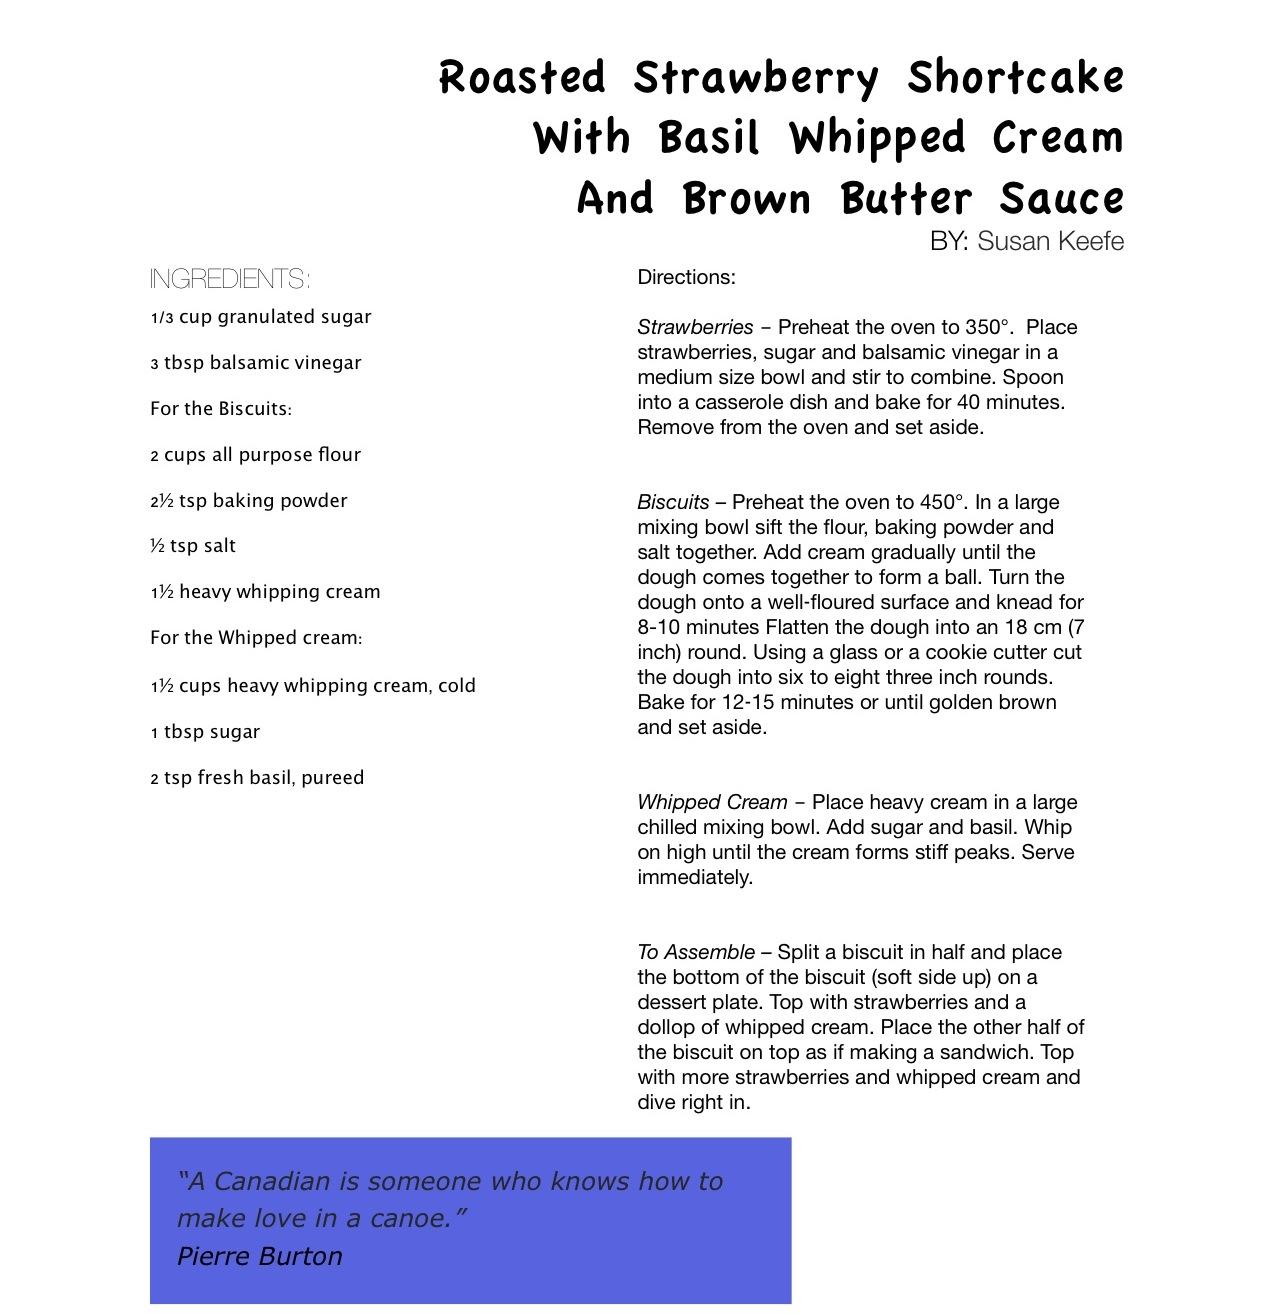 Roasted Strawberry Shortcake with Basil Whipped Cream